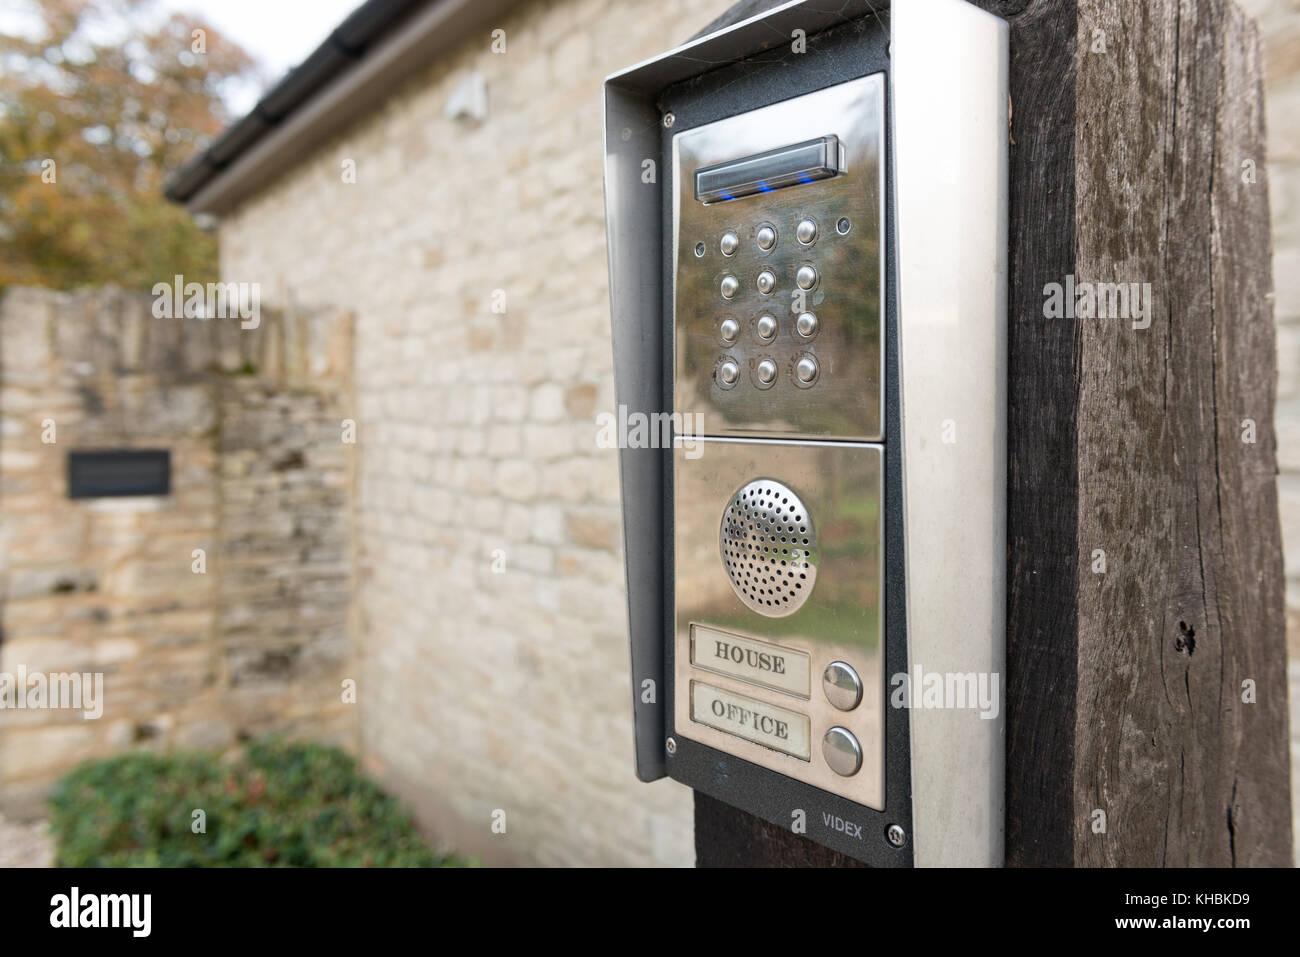 Una entrada de teclado numérico controlaba la entrada a una casa y oficina cerrada Imagen De Stock